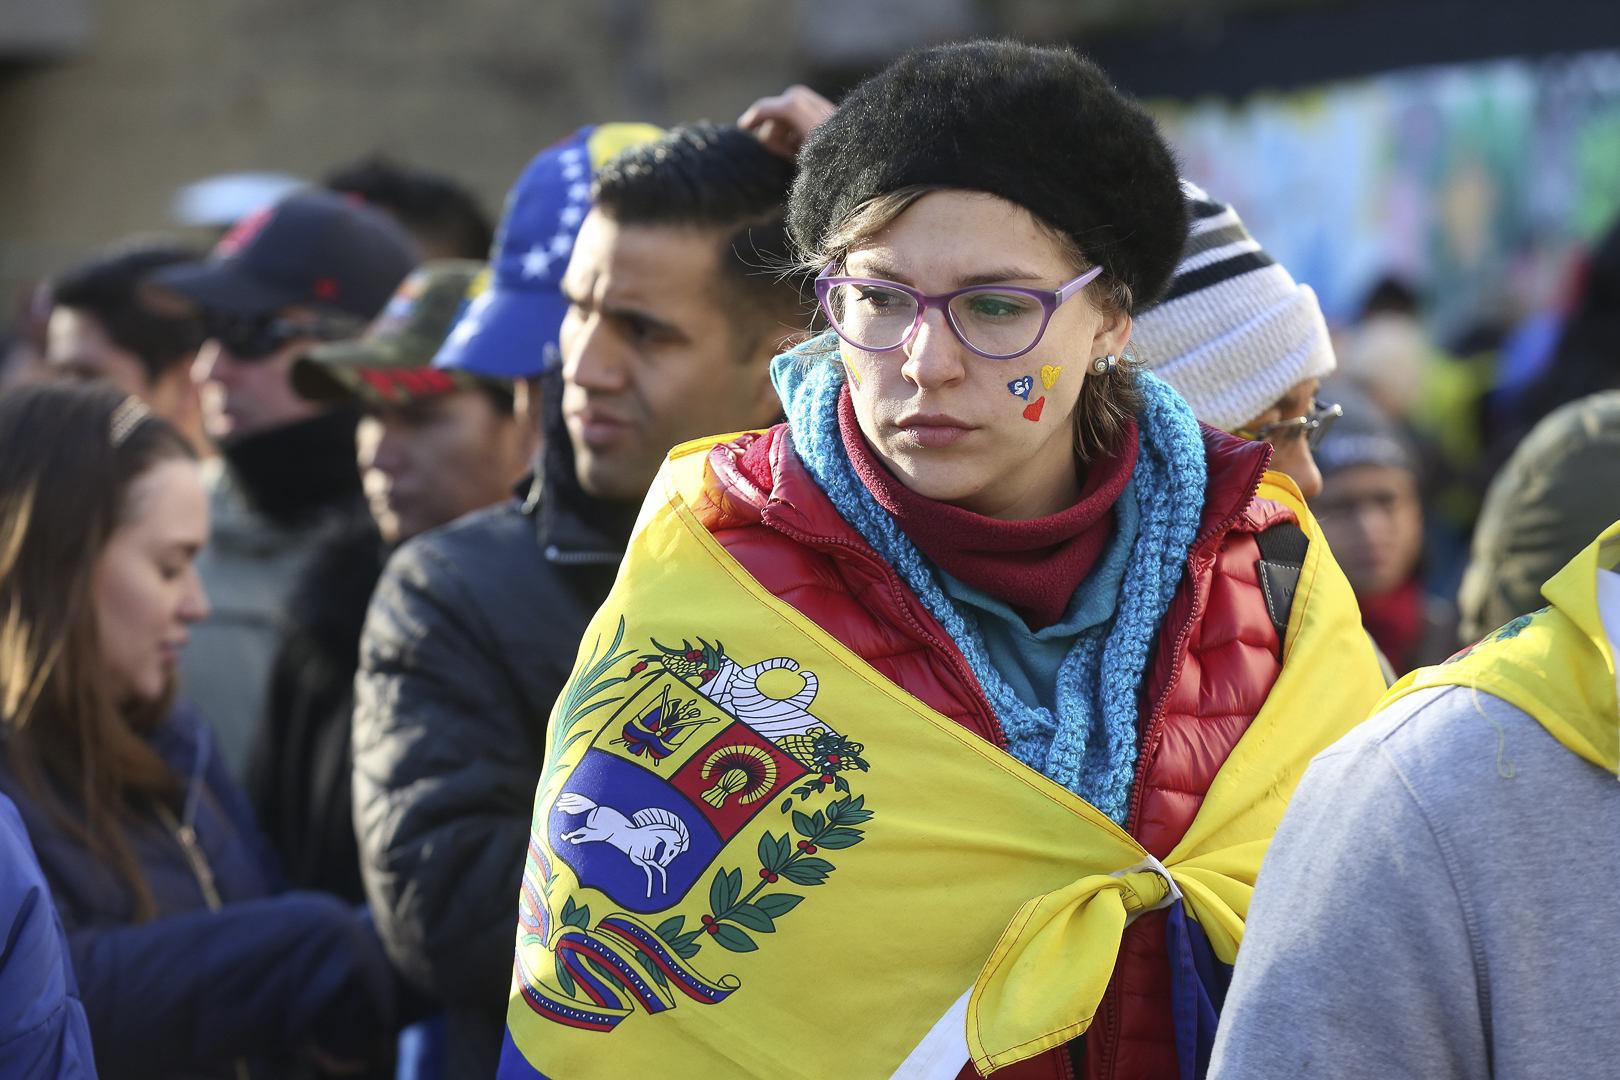 España concederá residencia a venezolanos por razones humanitarias